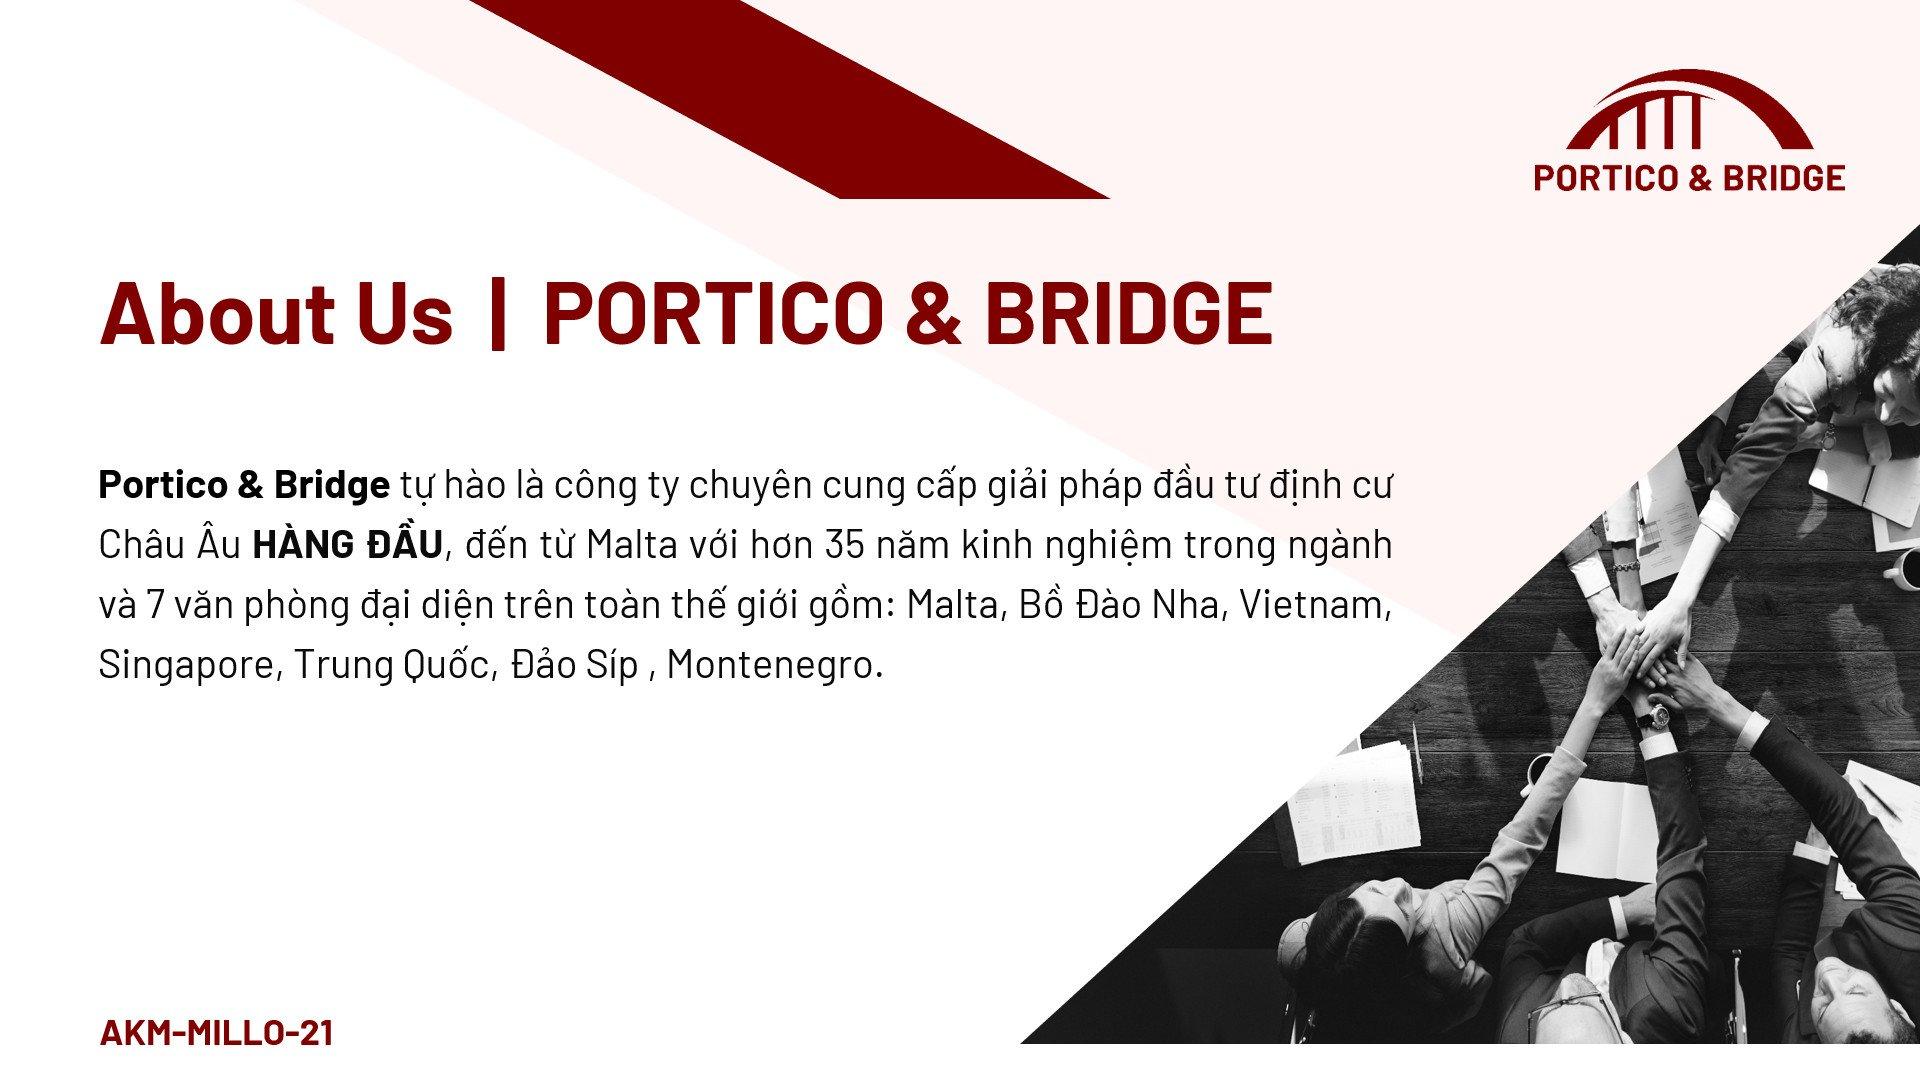 Portico & Bridge - Định cư Châu Âu diện đầu tư